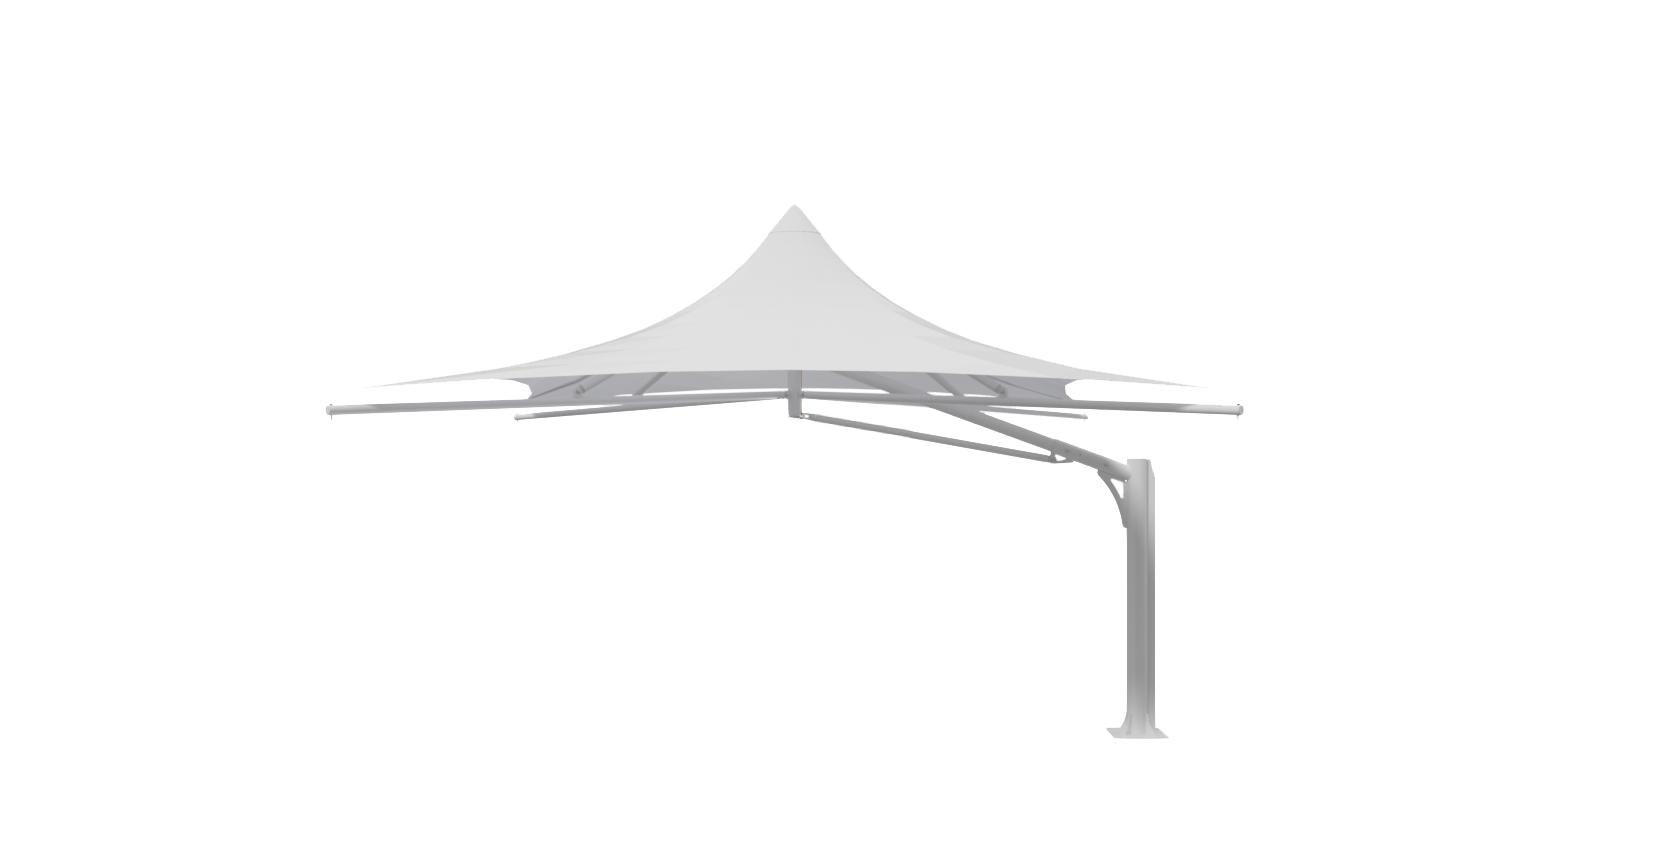 5x5 Mono Cantilever Umbrella